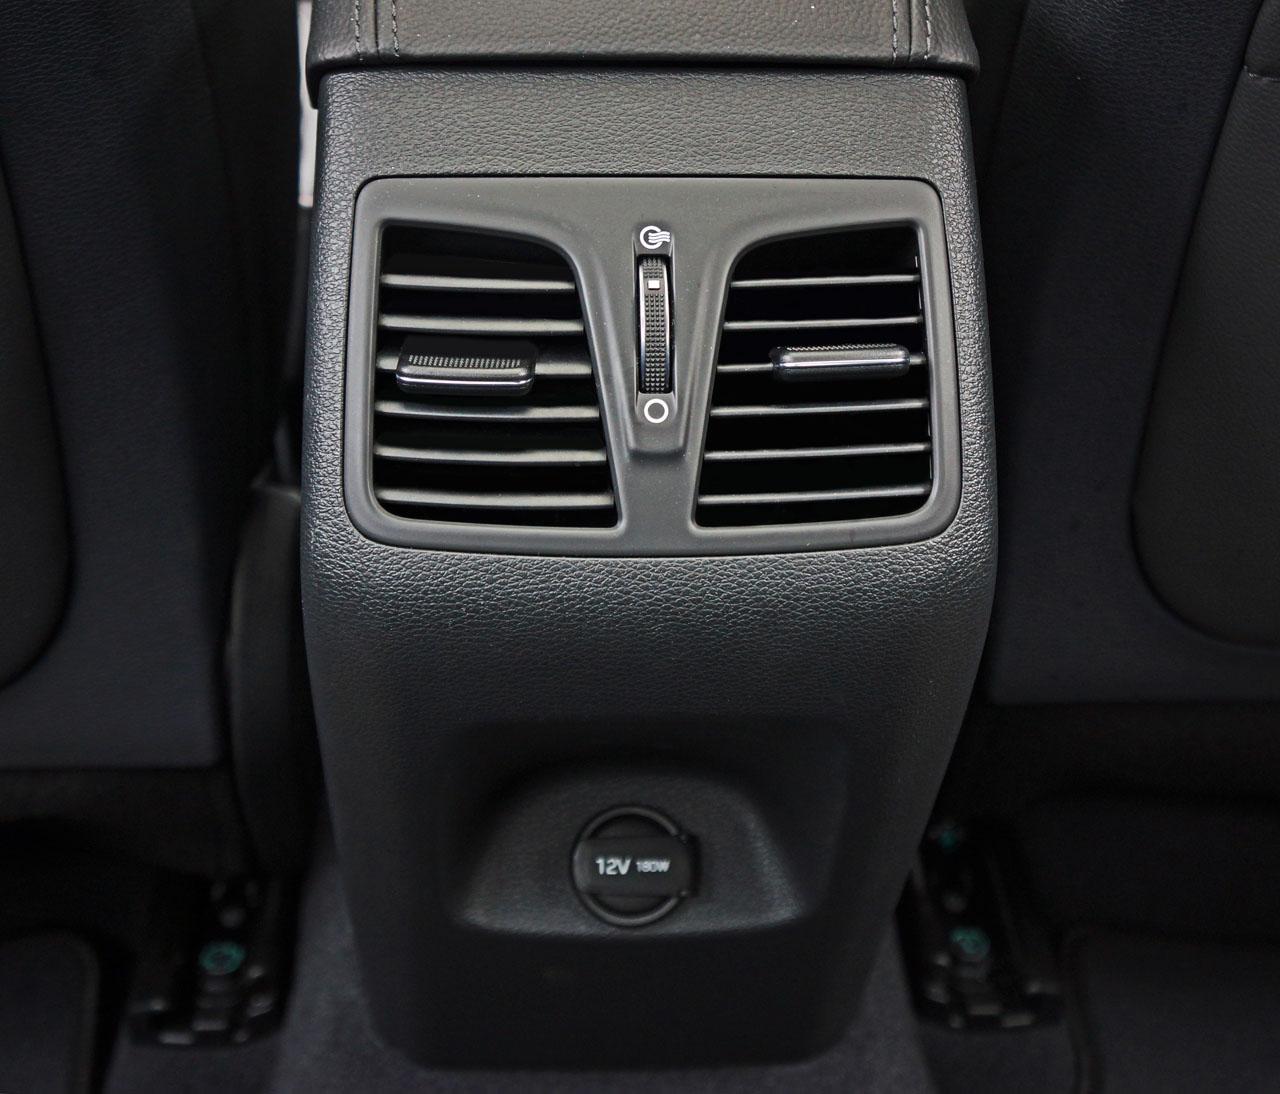 Hyundai Sonata 2015 Review: 2015 Hyundai Sonata Limited Road Test Review